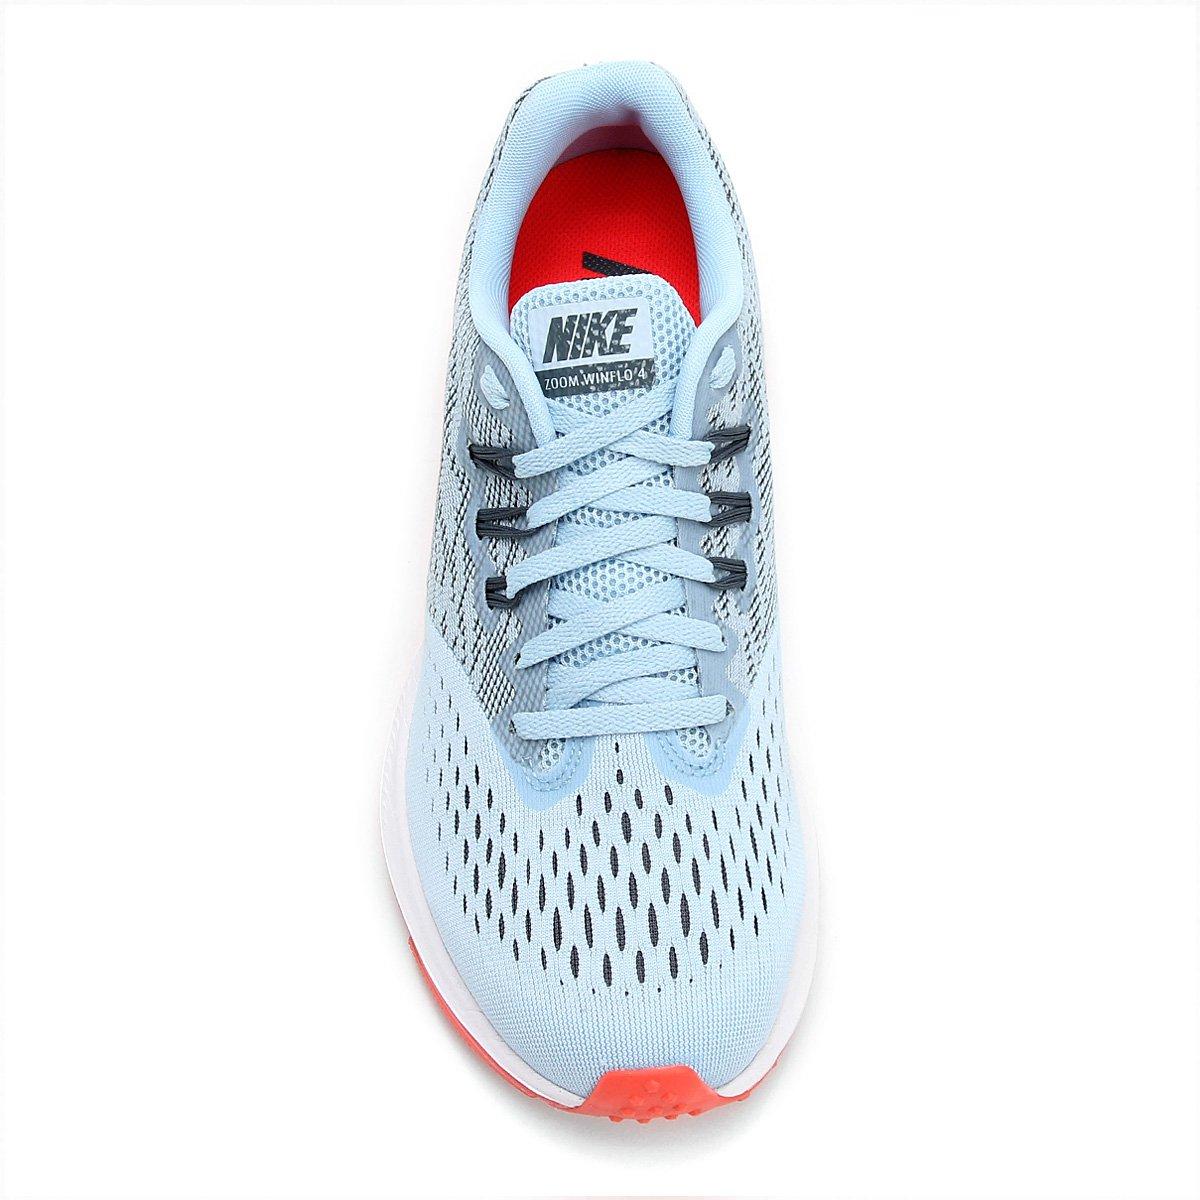 Tênis Nike Zoom Winflo 4 Feminino - Azul e Branco - Compre Agora ... 854e257b35e24